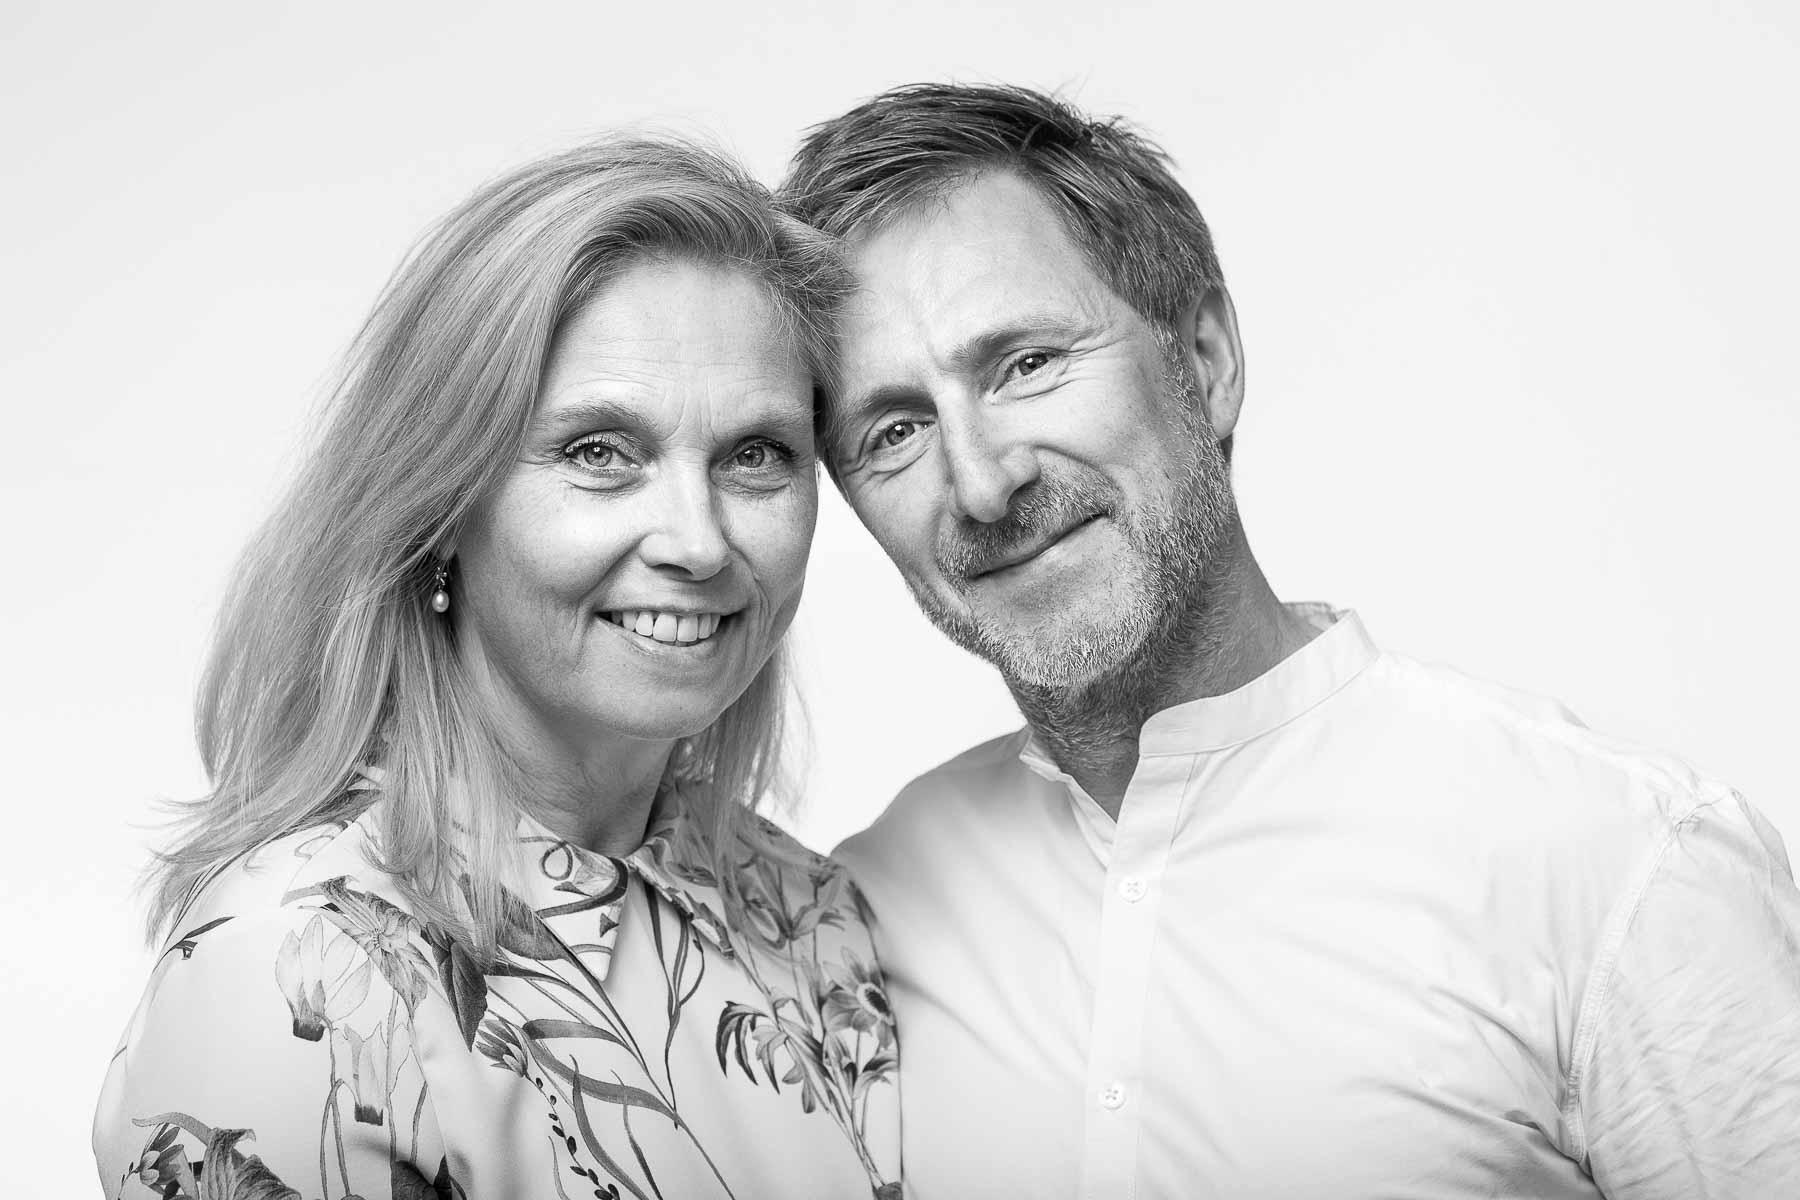 priser portrætfotografering Aalborg